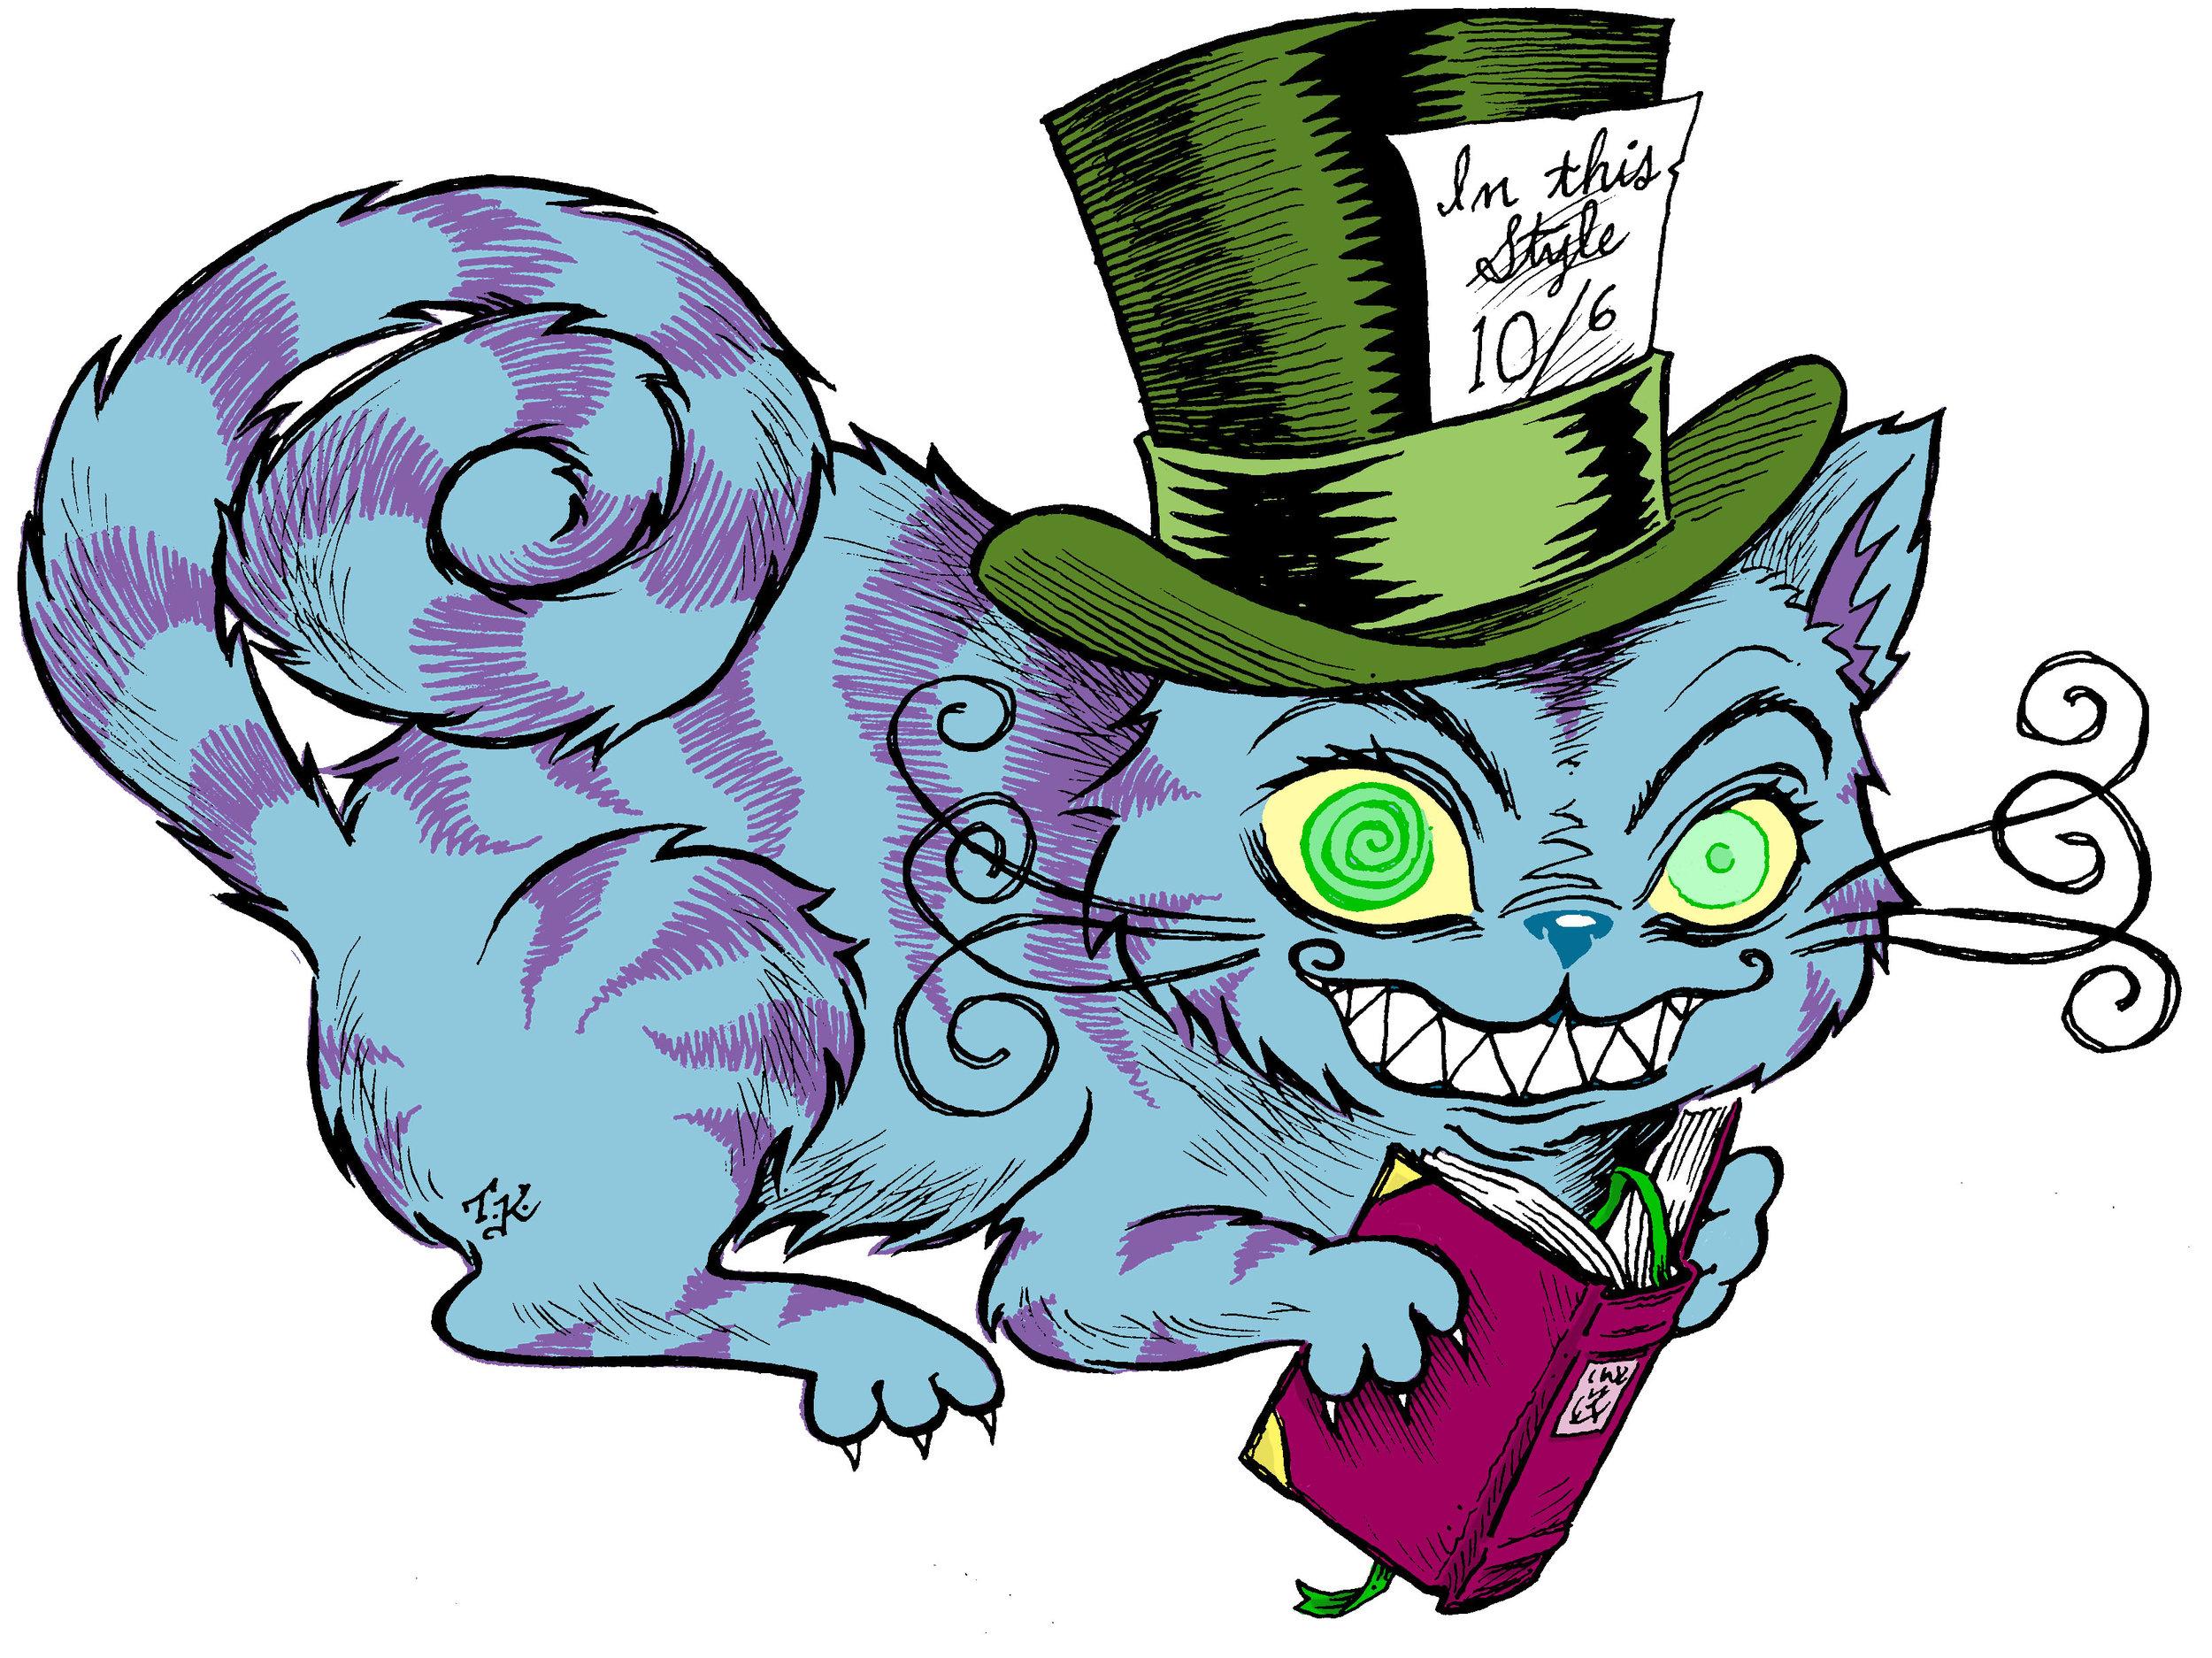 Cheshire Cat reading